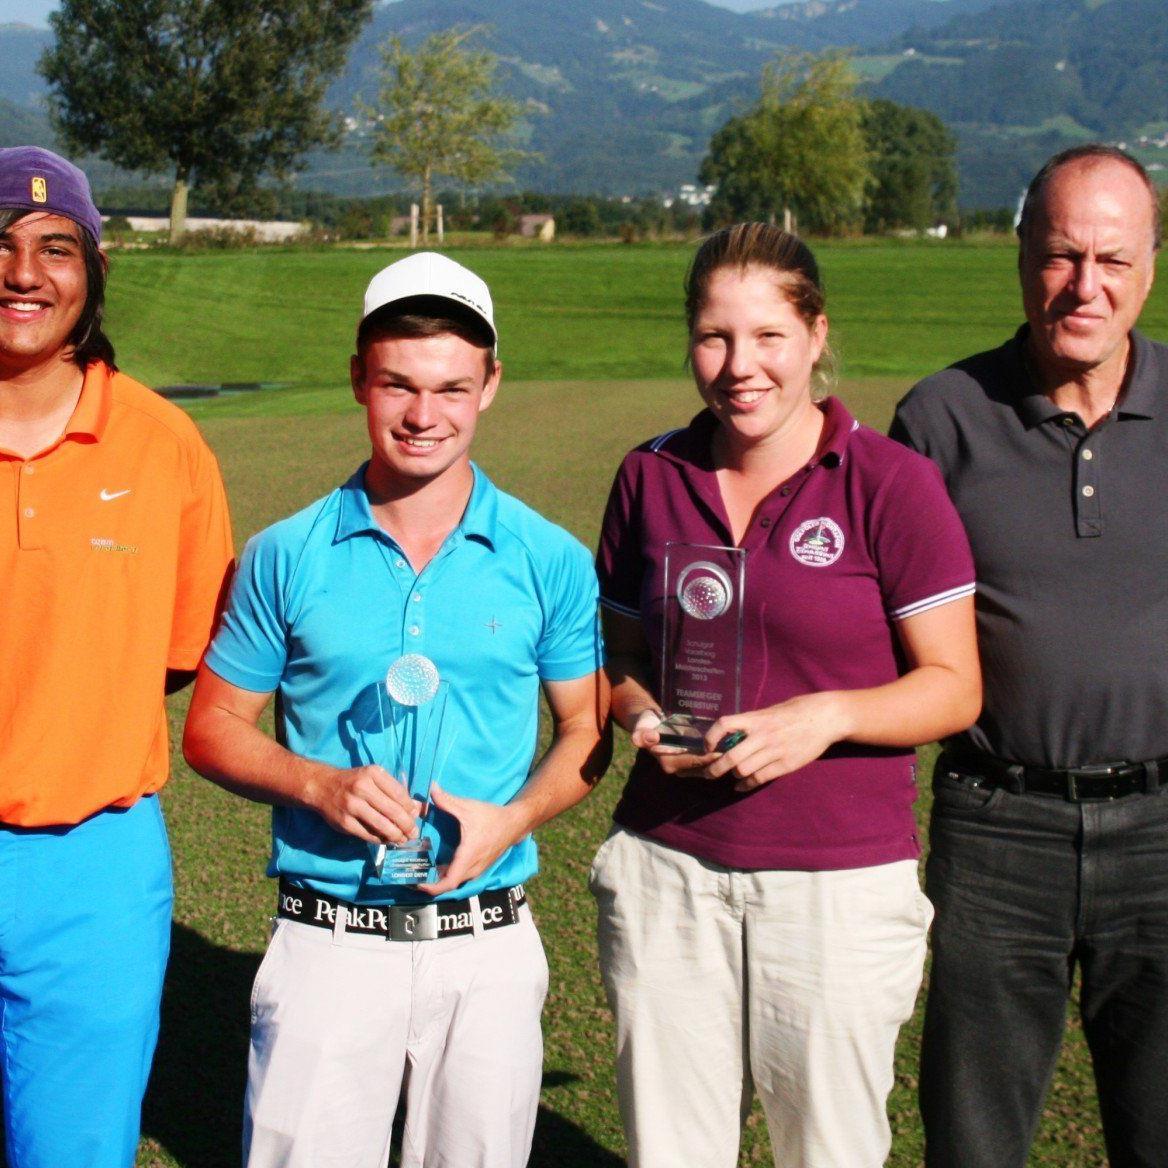 Die HAK Bludenz holte sich souverän den Schul-Golfmeistertitel in Vorarlberg.